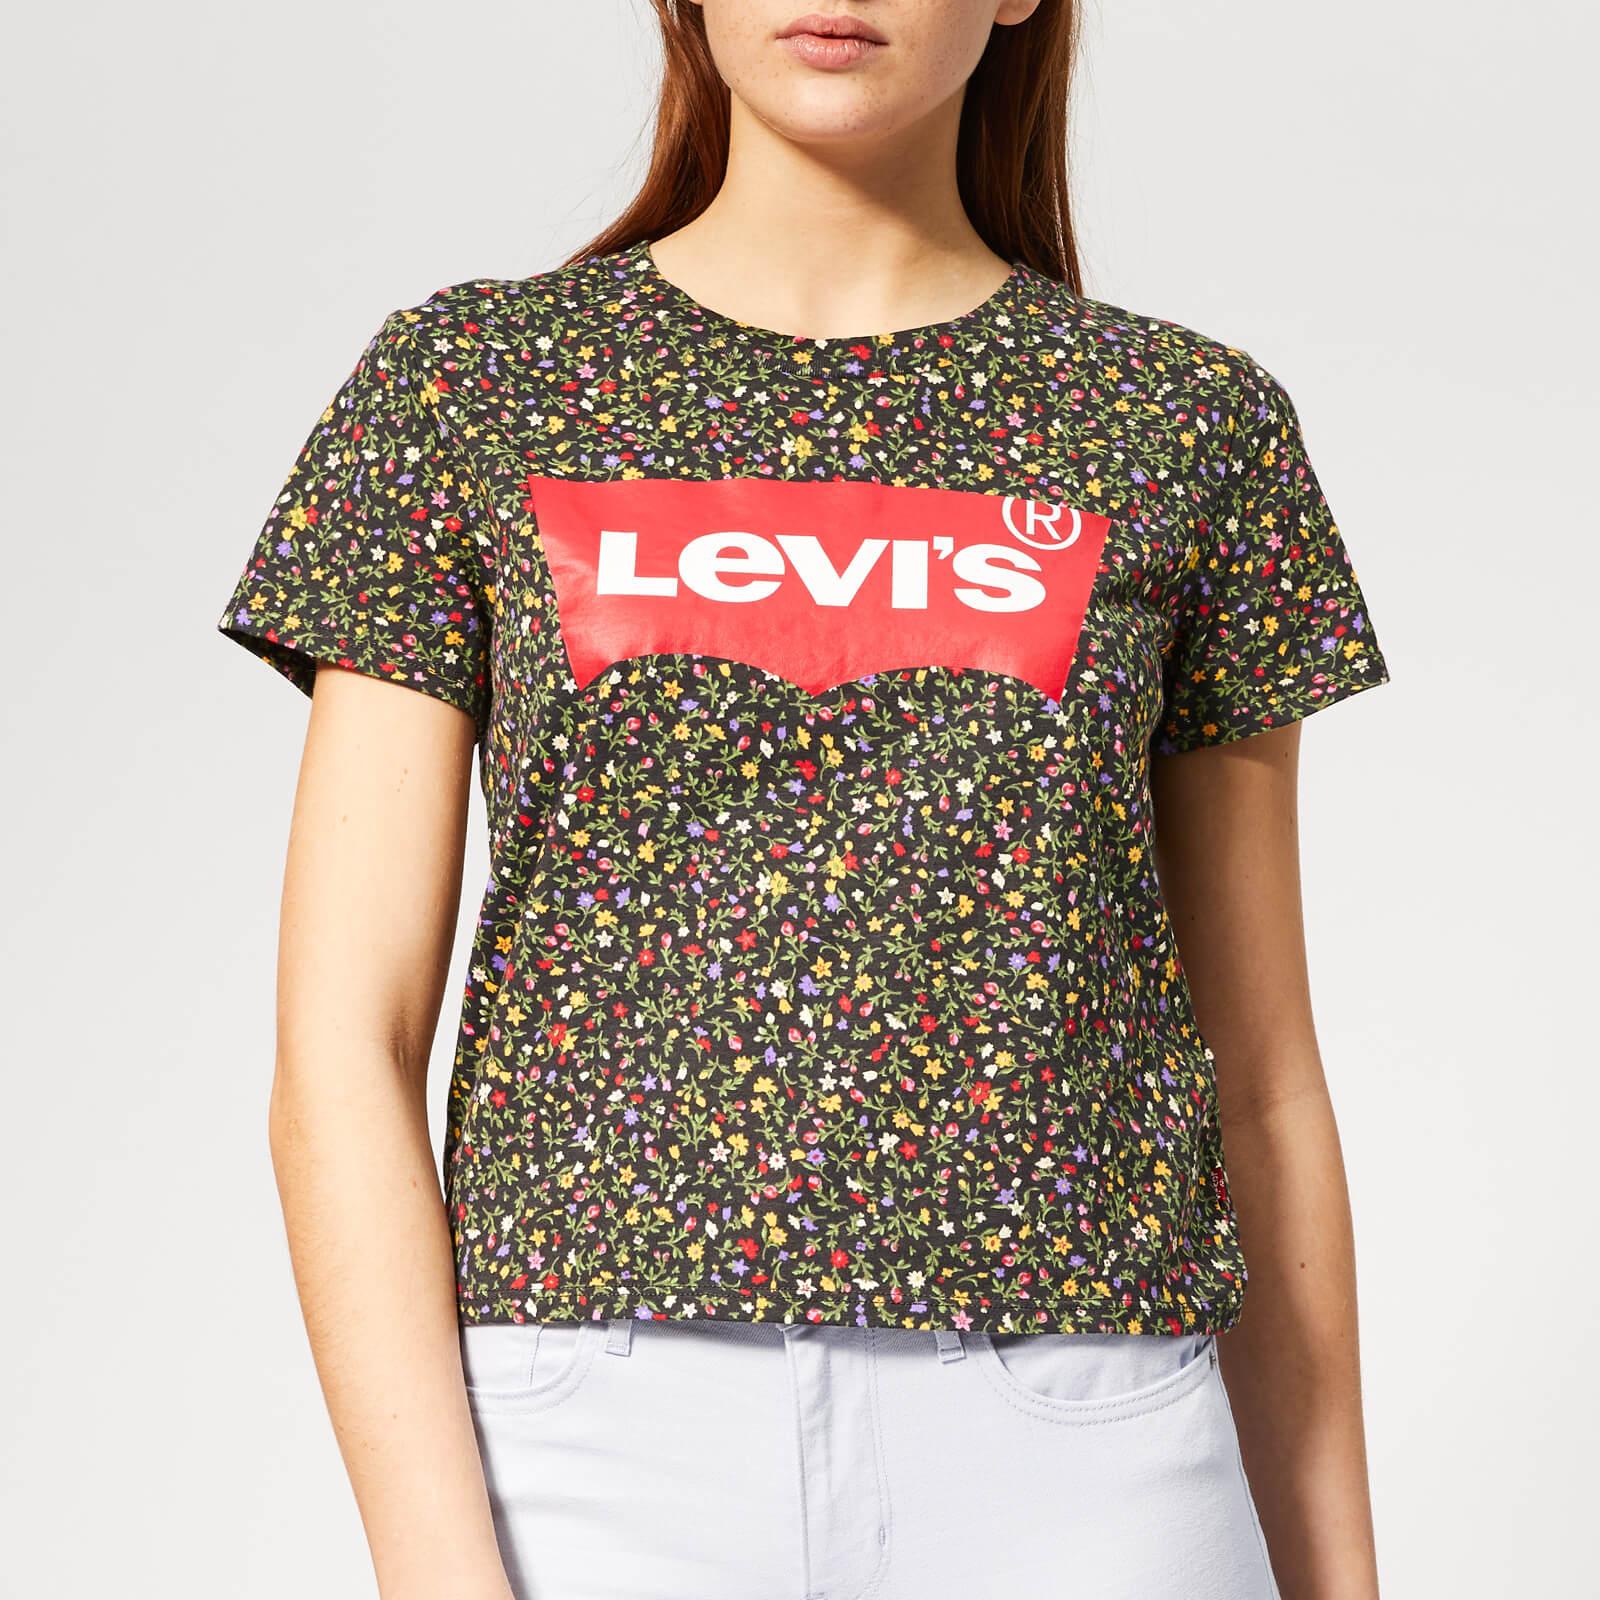 Levi's s Graphic Surf T-Shirt - Ditsy Secret Garden Caviar - S - Multi